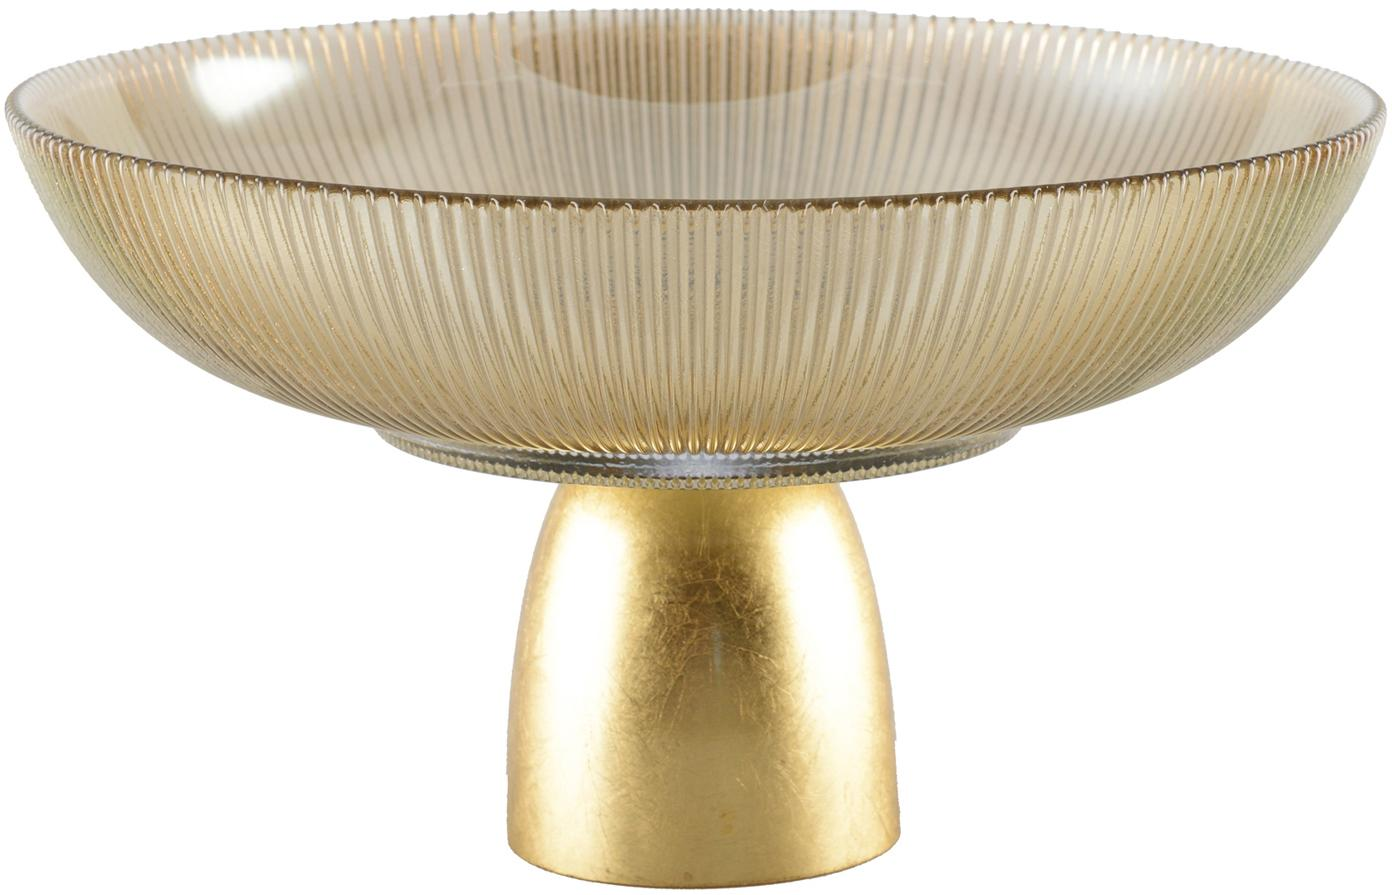 Miska dekoracyjna Luster, Brązowy, transparentny, odcienie złotego, Ø 25 cm